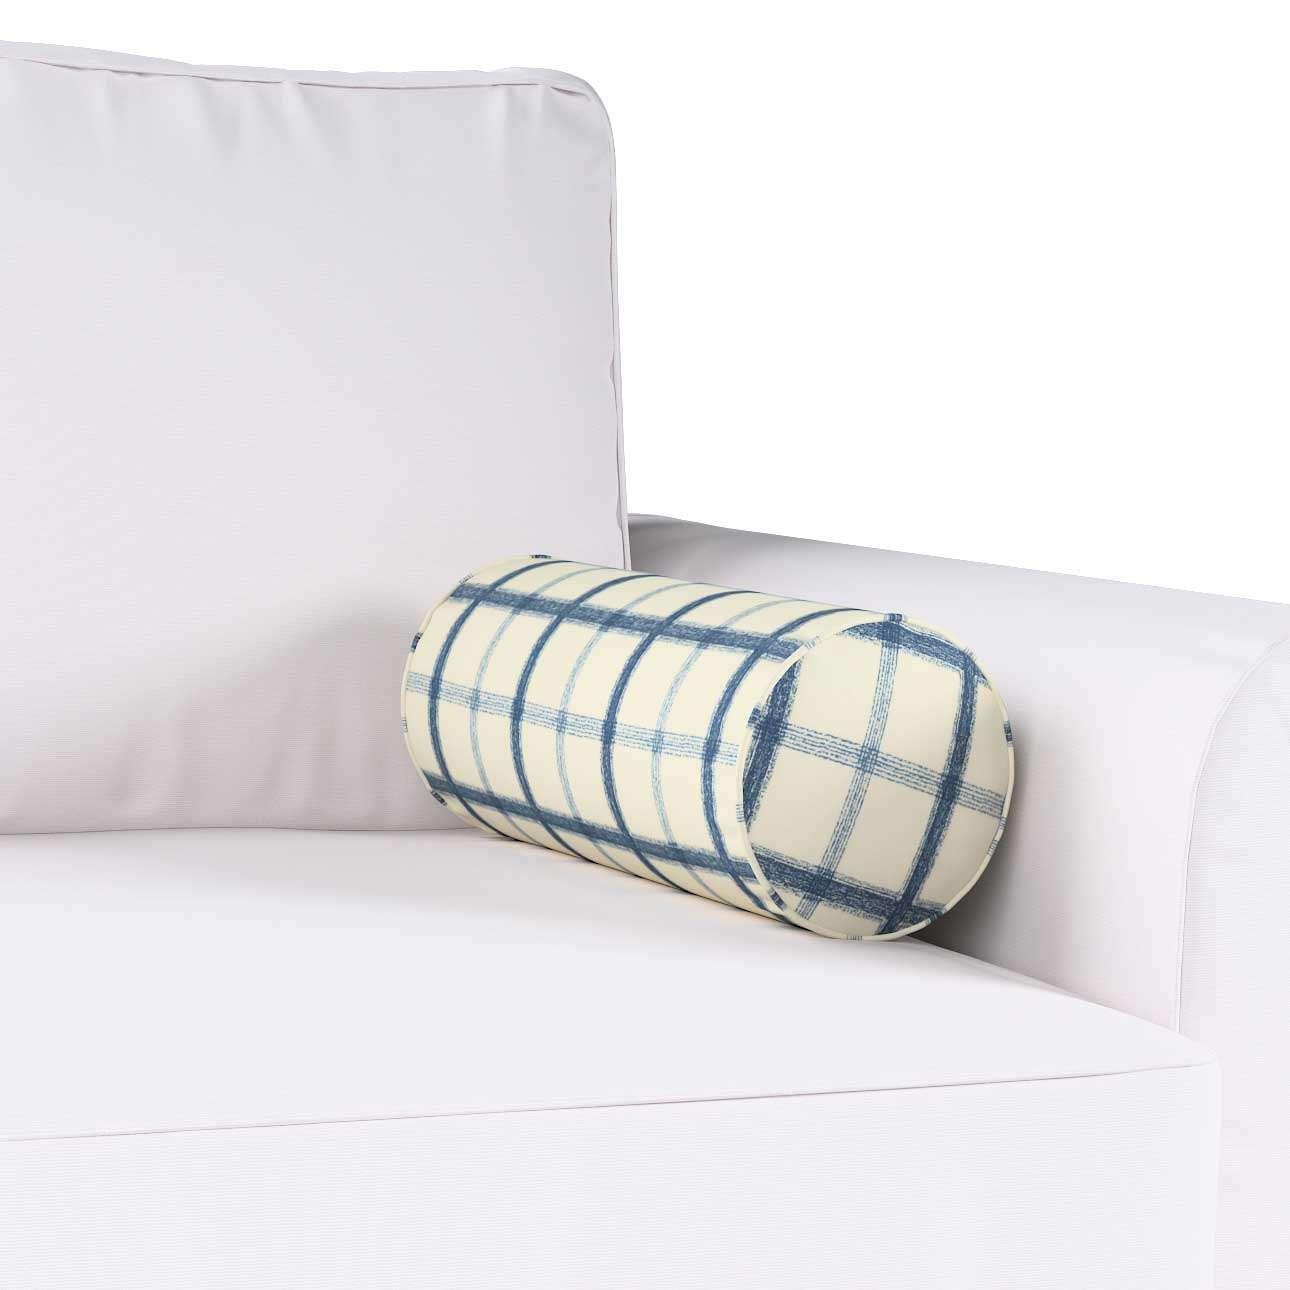 Poduszka wałek prosty Ø16x40cm w kolekcji Avinon, tkanina: 131-66